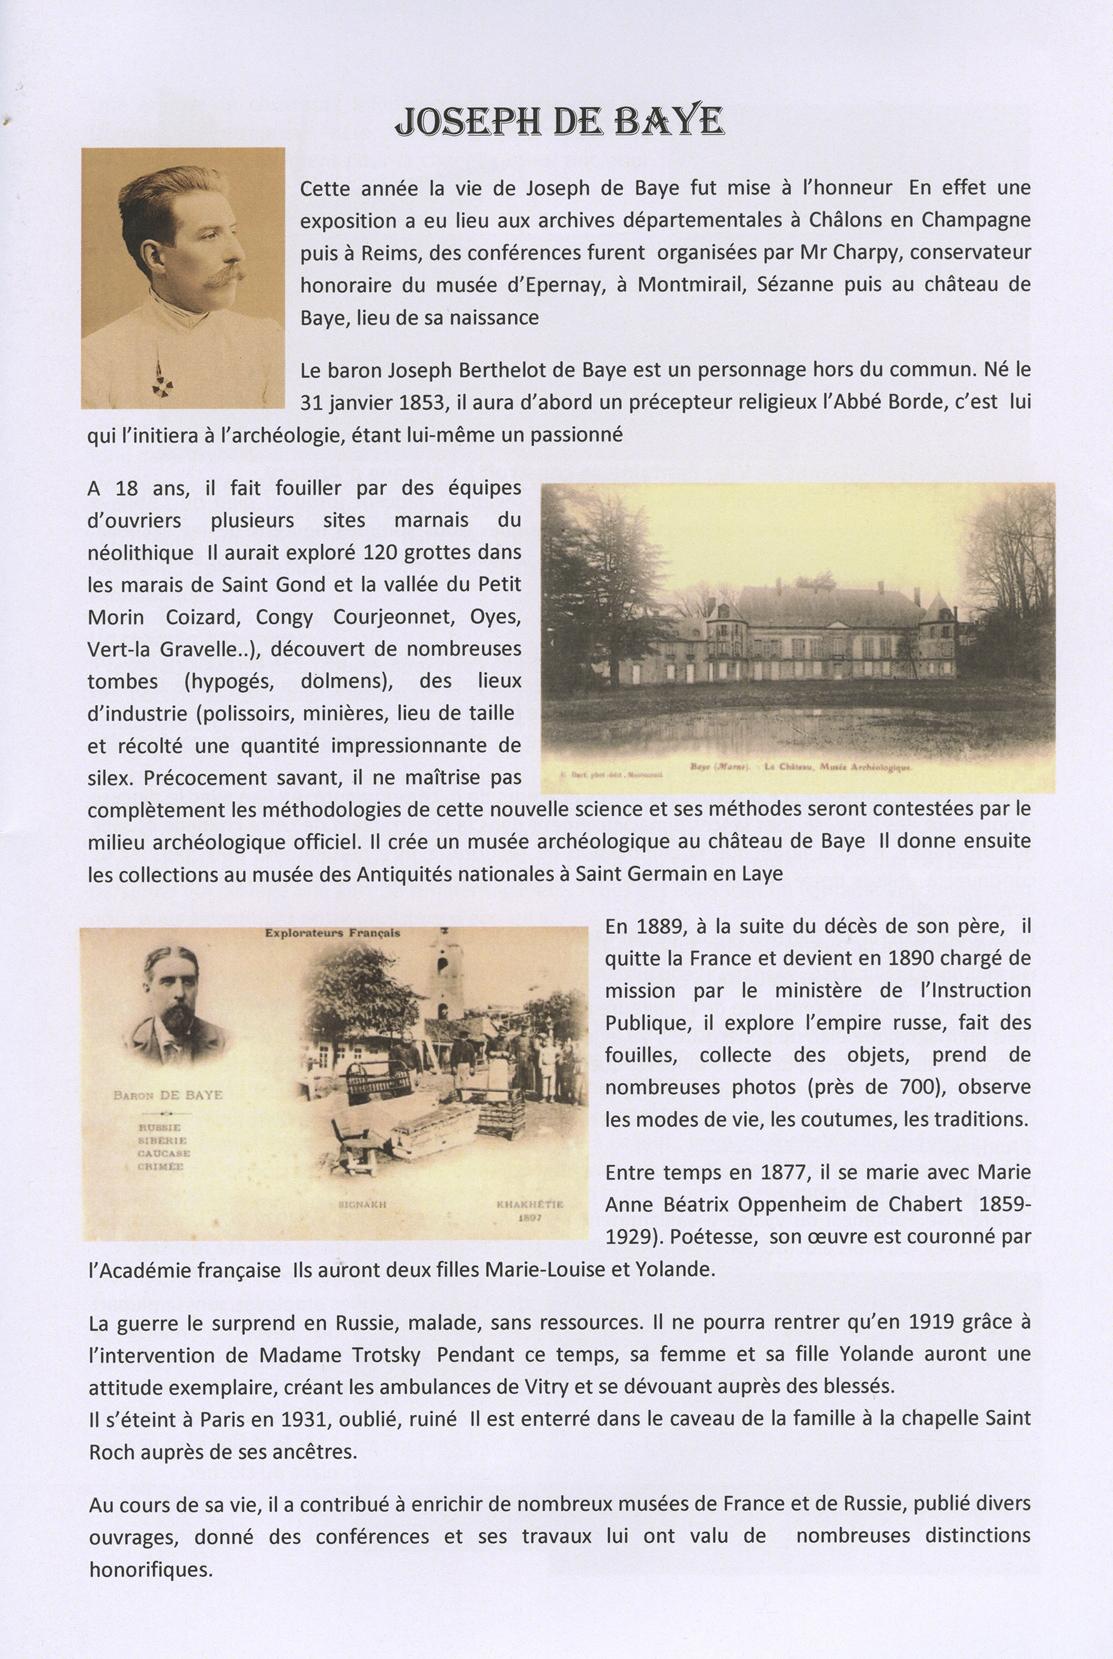 Bulletin municipal 2013 de Baye, paru en janvier 2014, éditions Commune de Baye, page 33